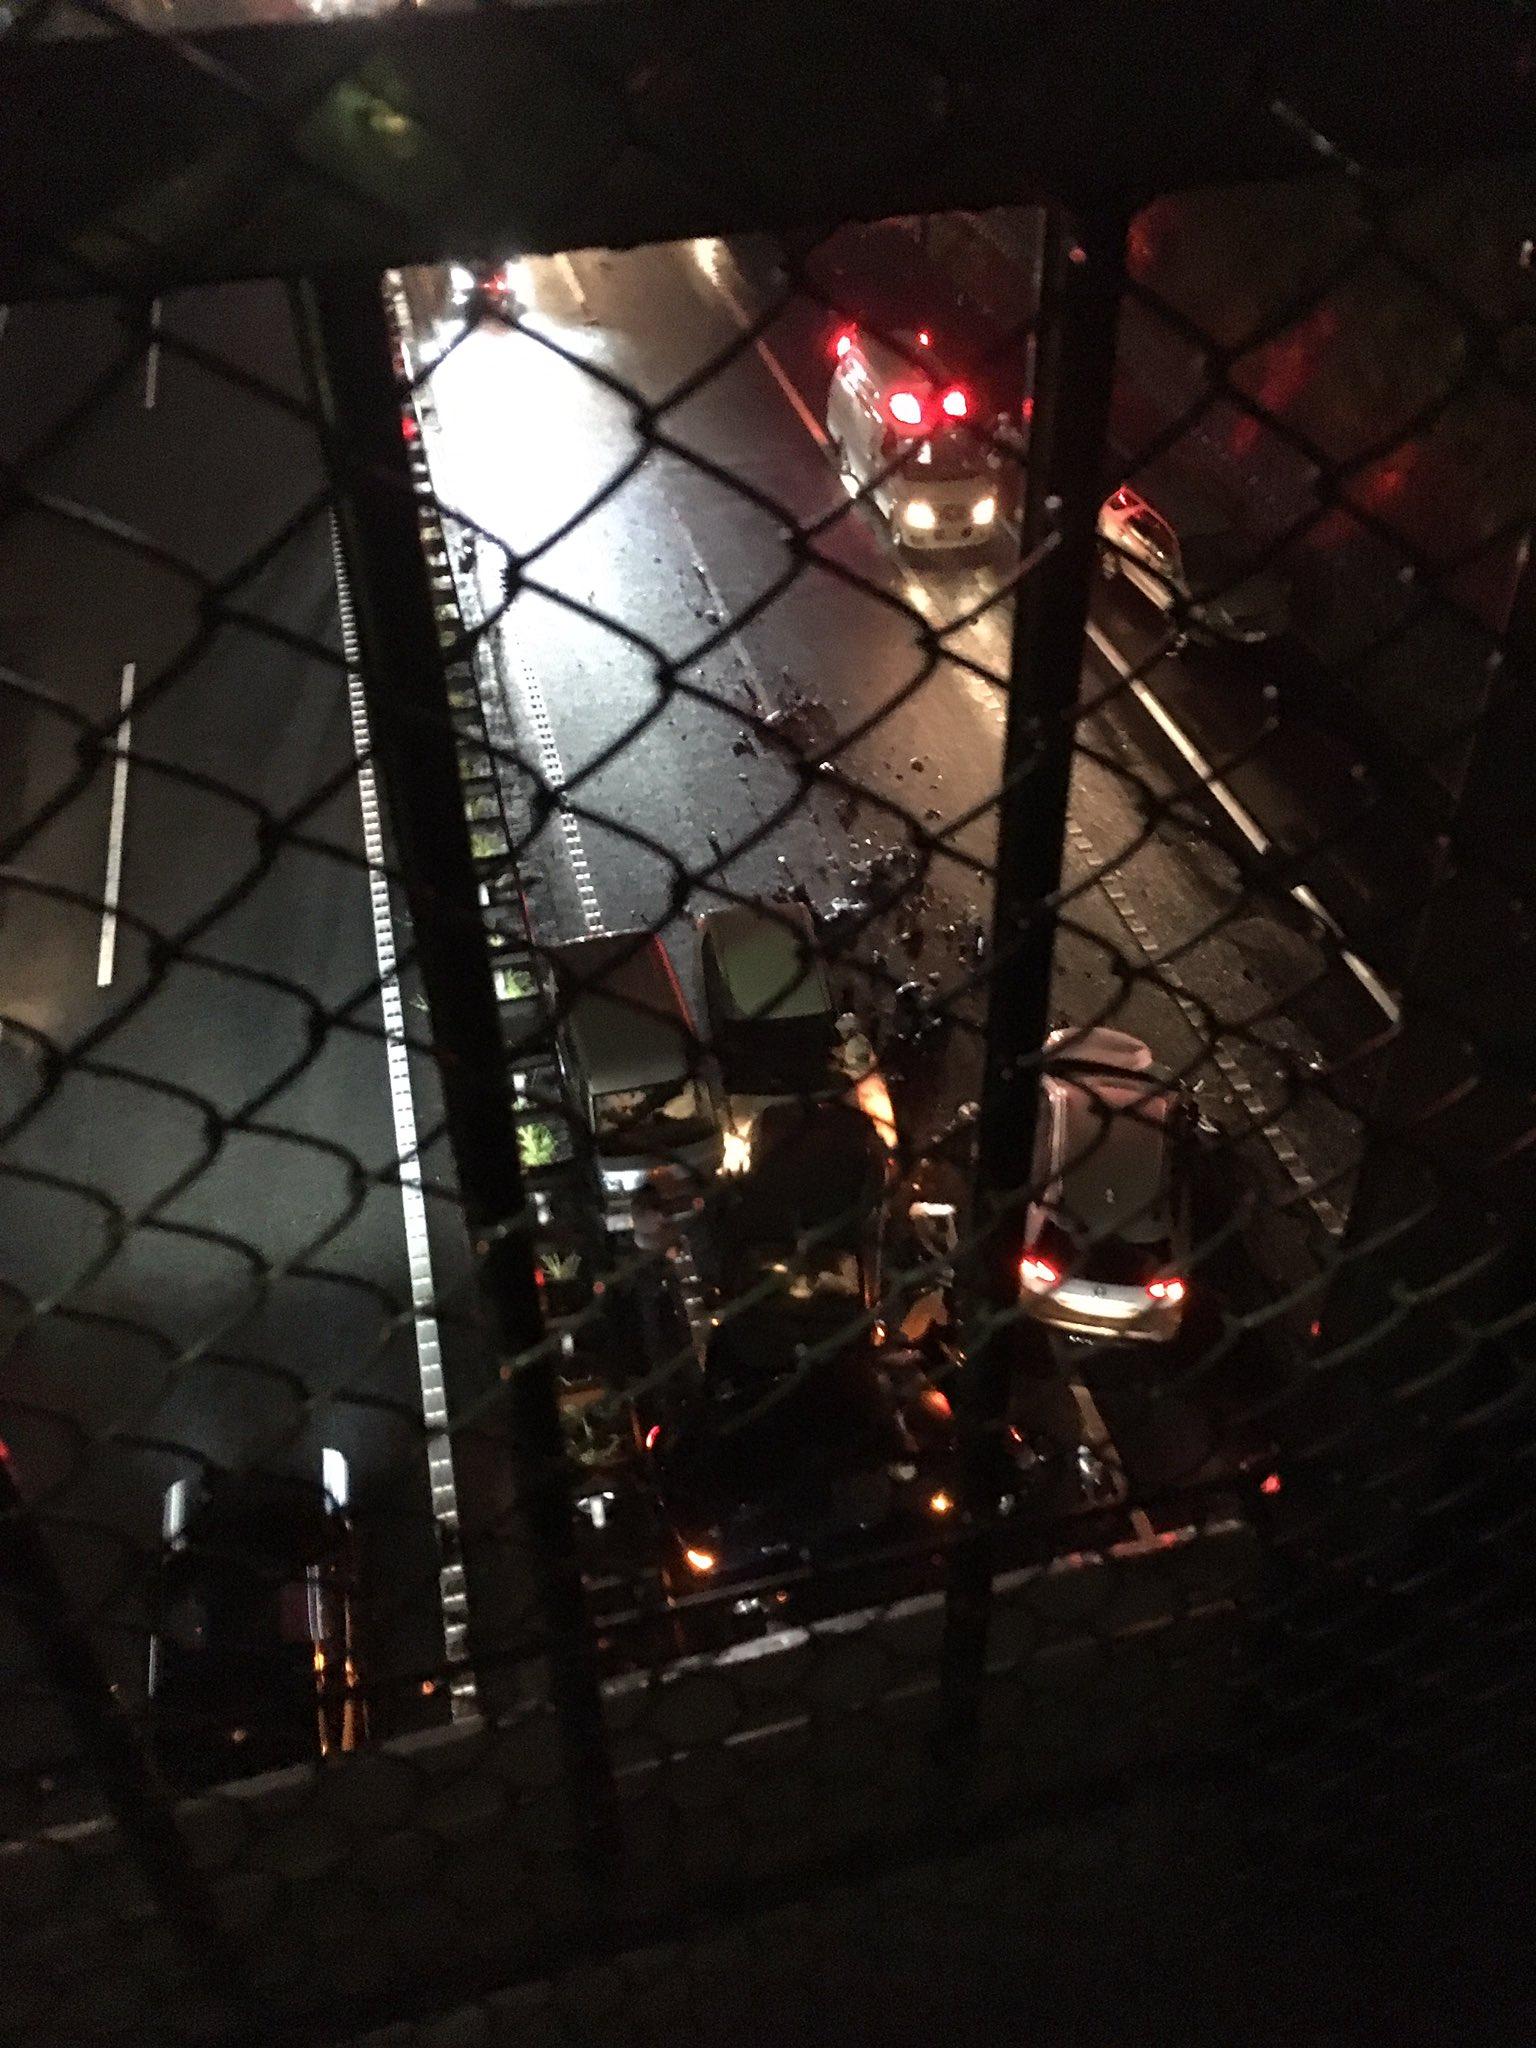 横横道路の車13台が絡む多重事故の現場画像